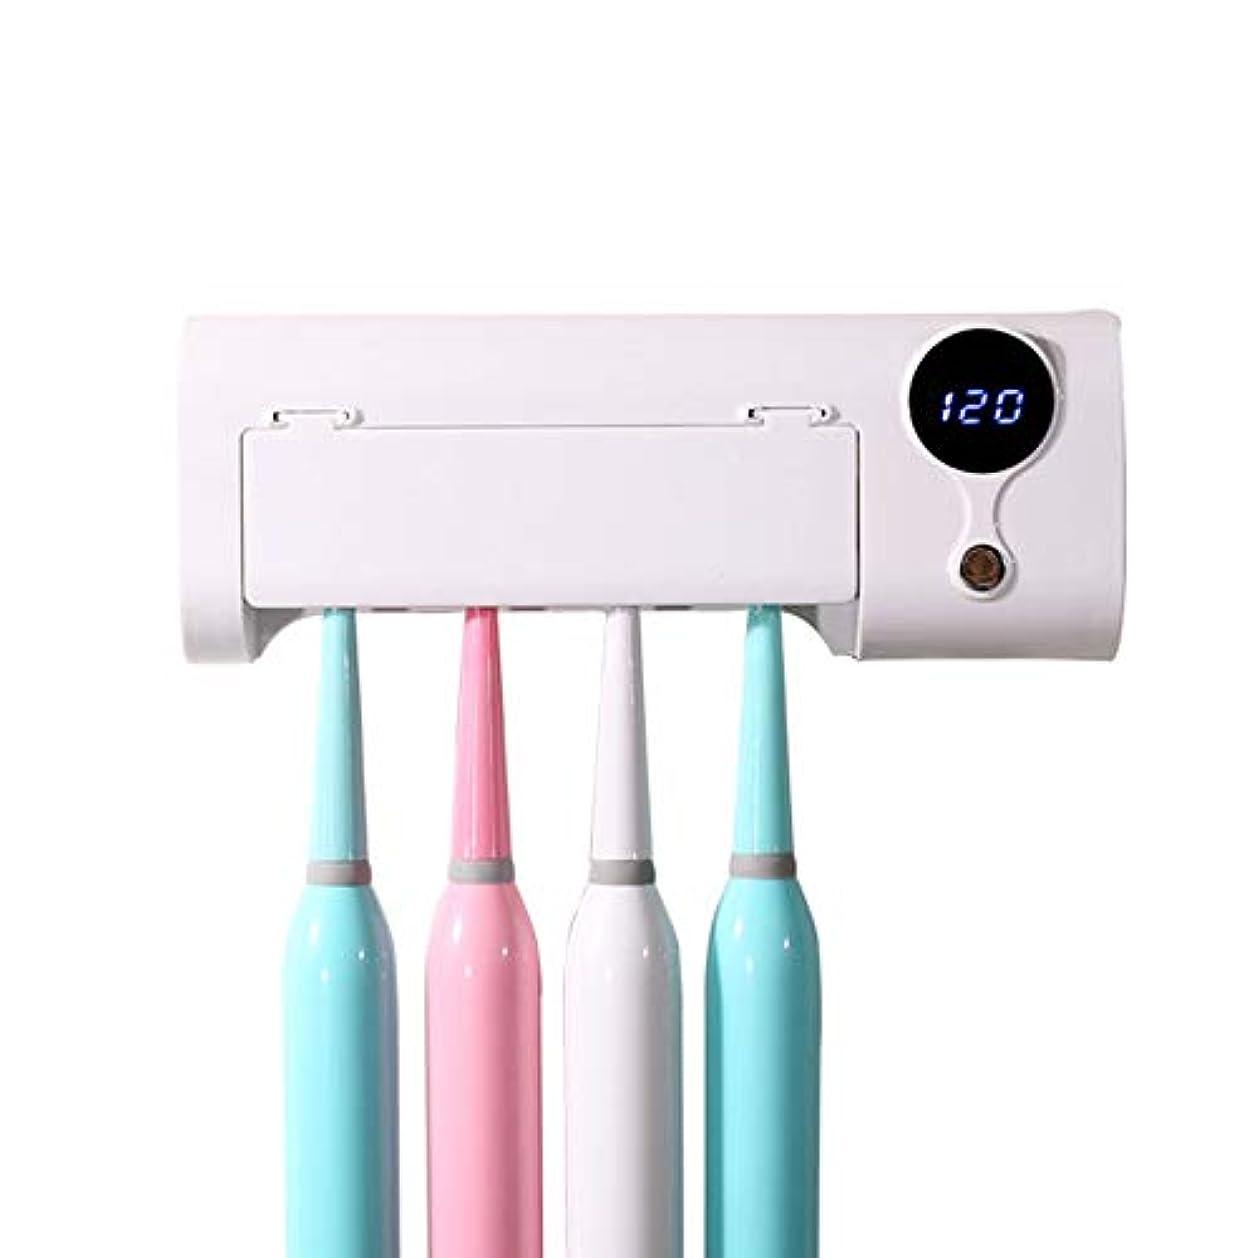 スリットいろいろバトルaomashangmao UV非傷害歯ブラシ消毒機多機能歯ブラシホルダー